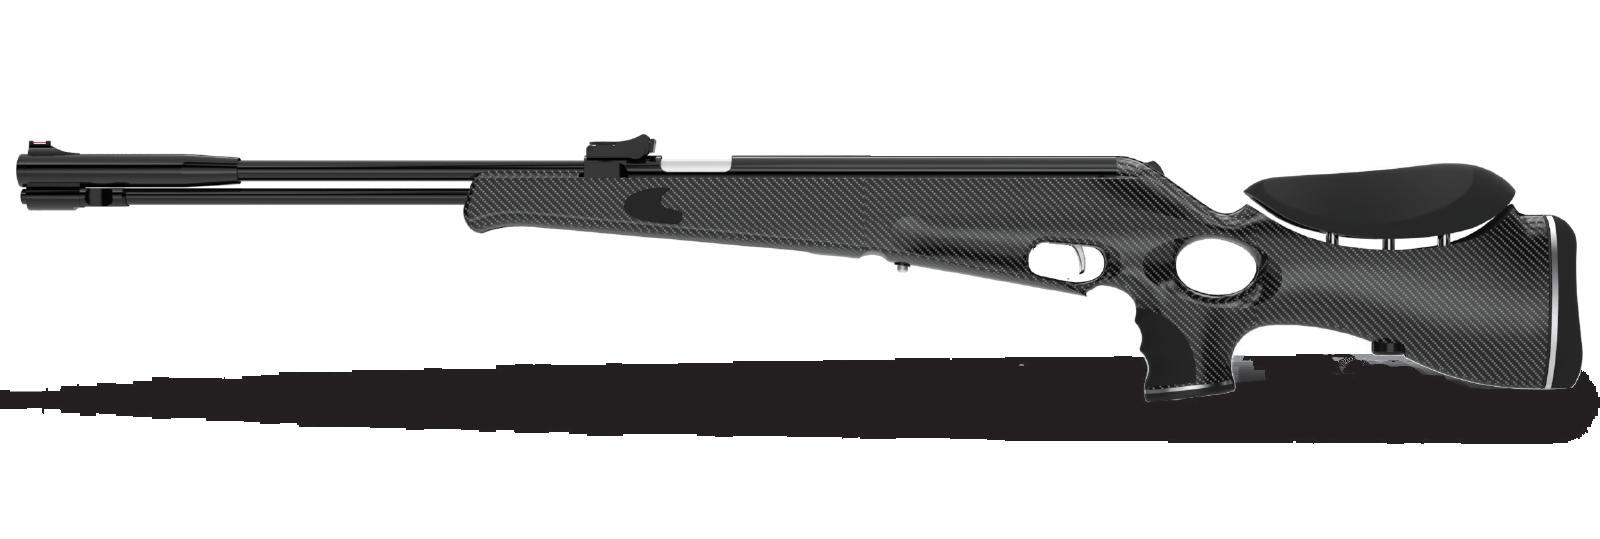 HighTech 100X KARBON